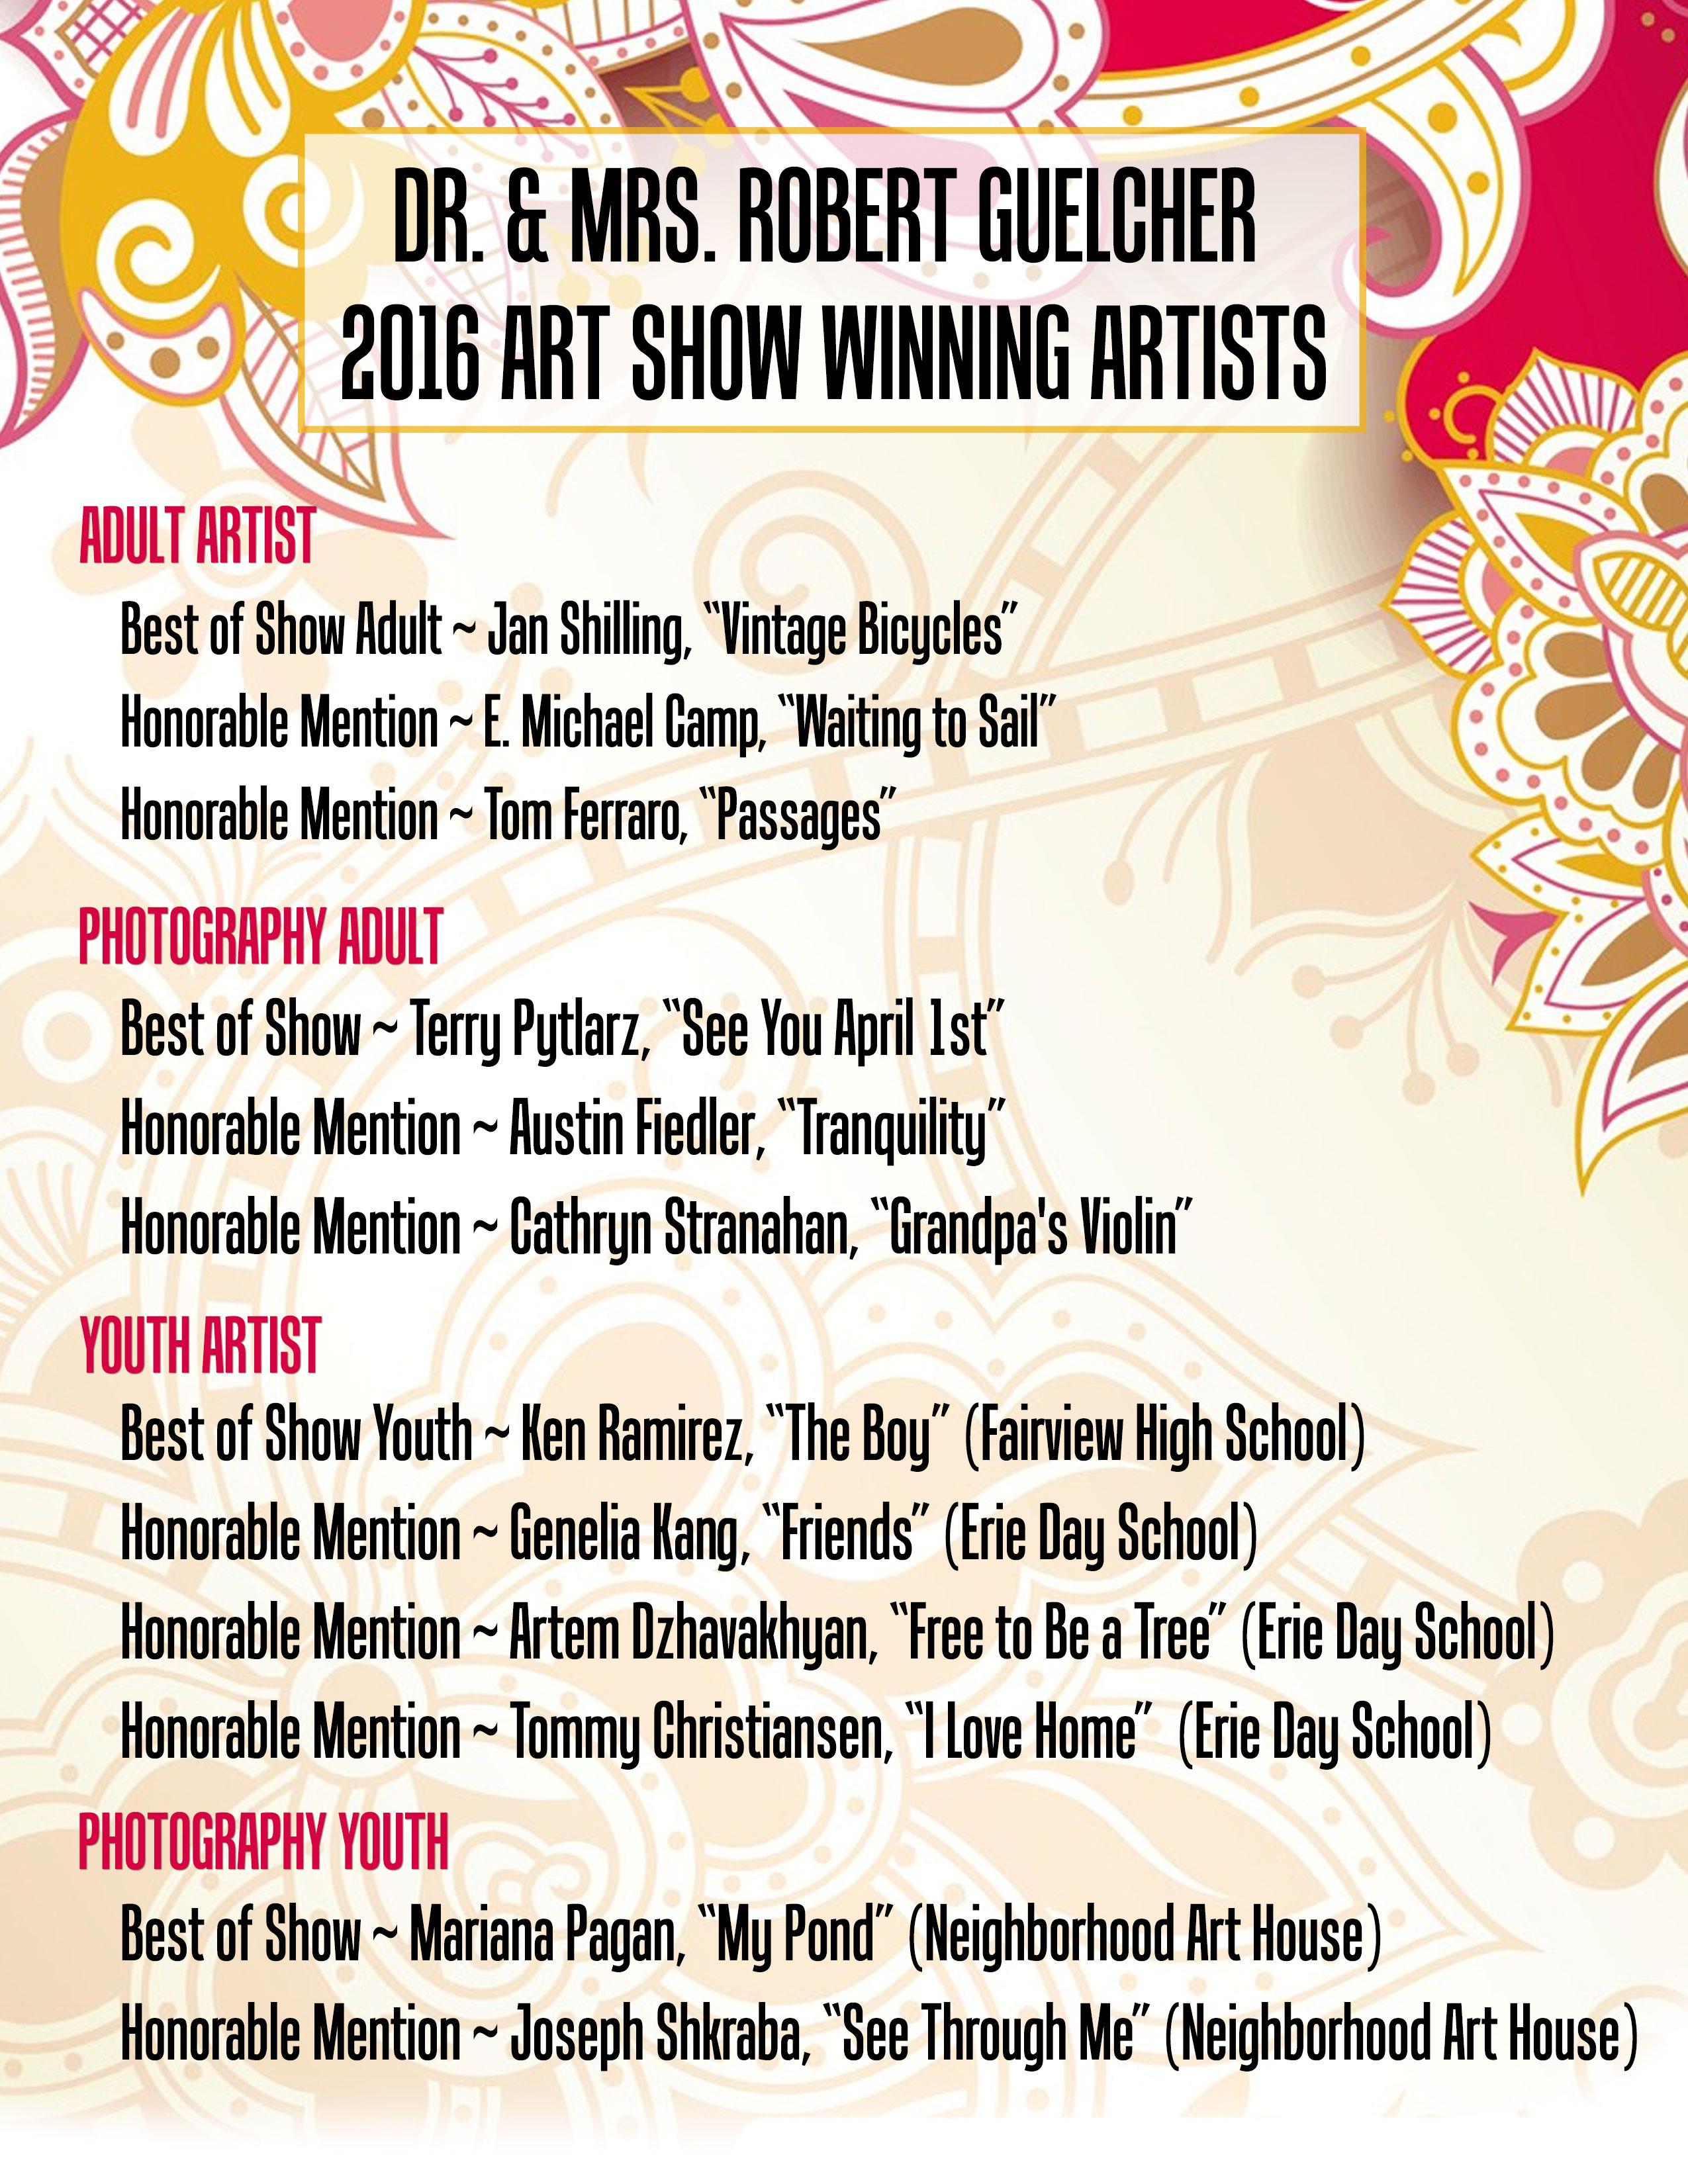 2016 Art show winners